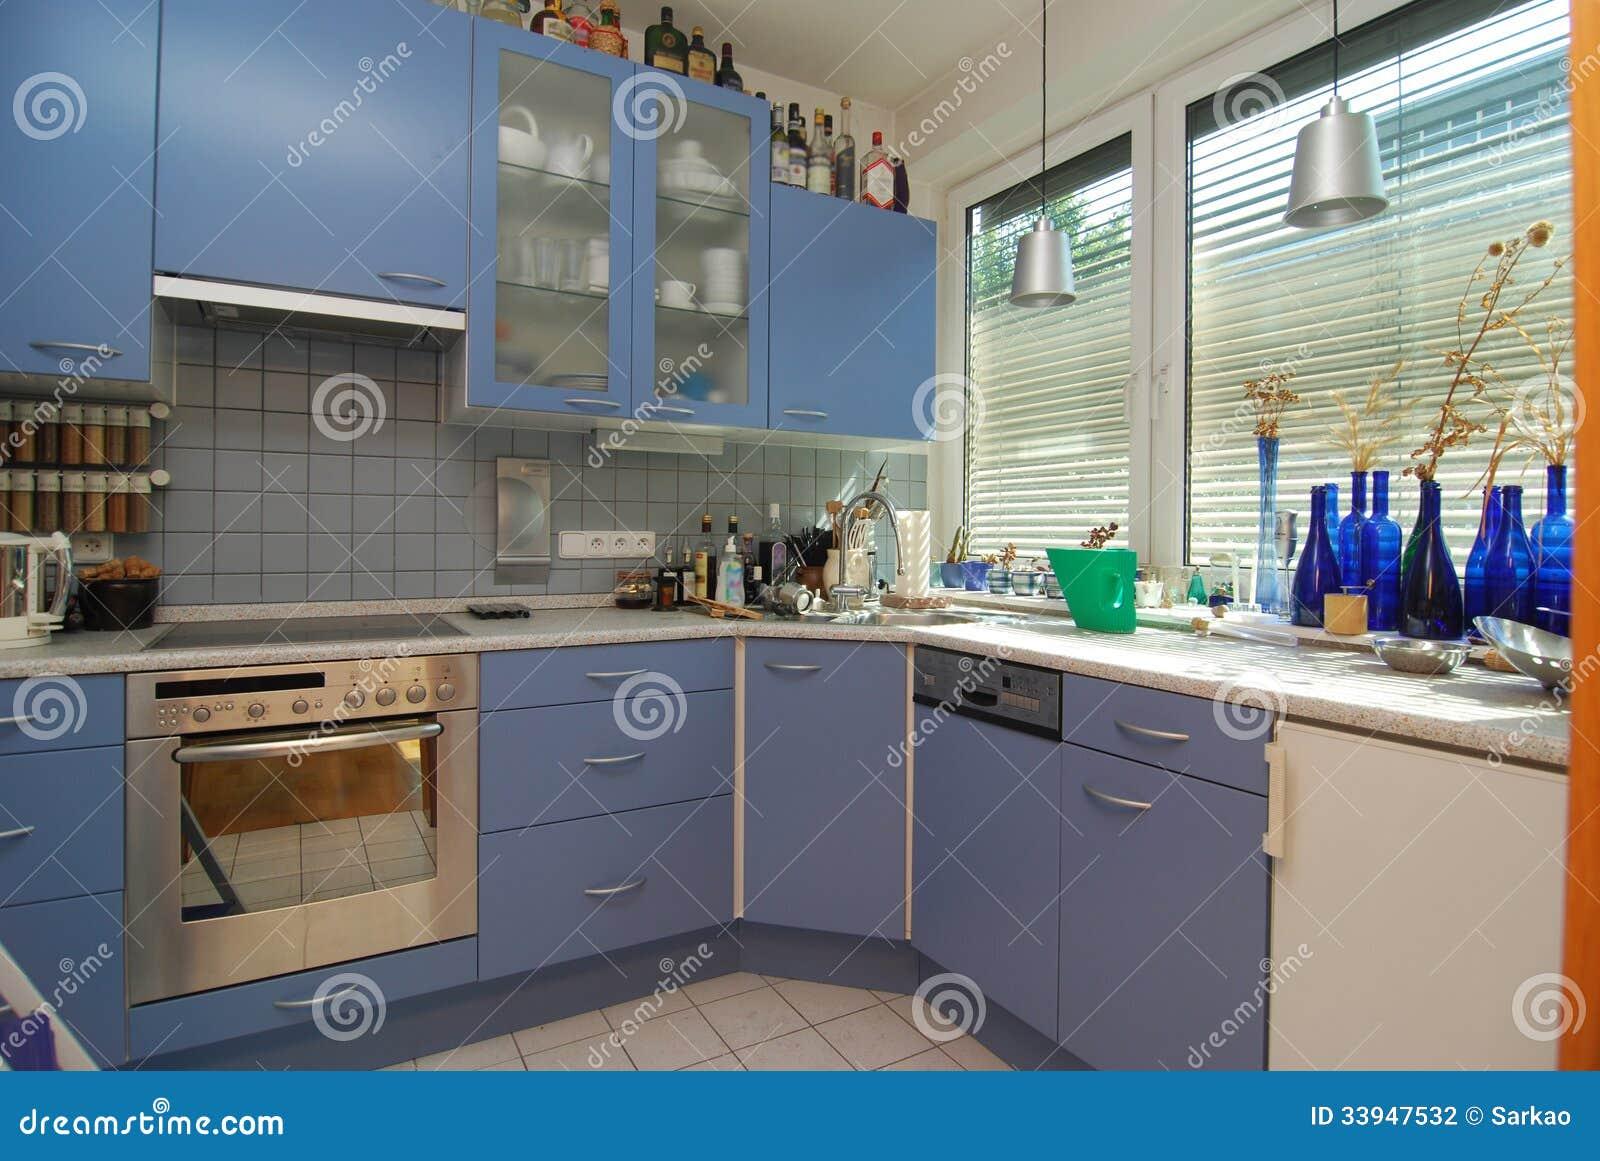 Cozinha Azul Simples Fotografia de Stock Imagem: 33947532 #674830 1300x960 Banheiro Azul Simples